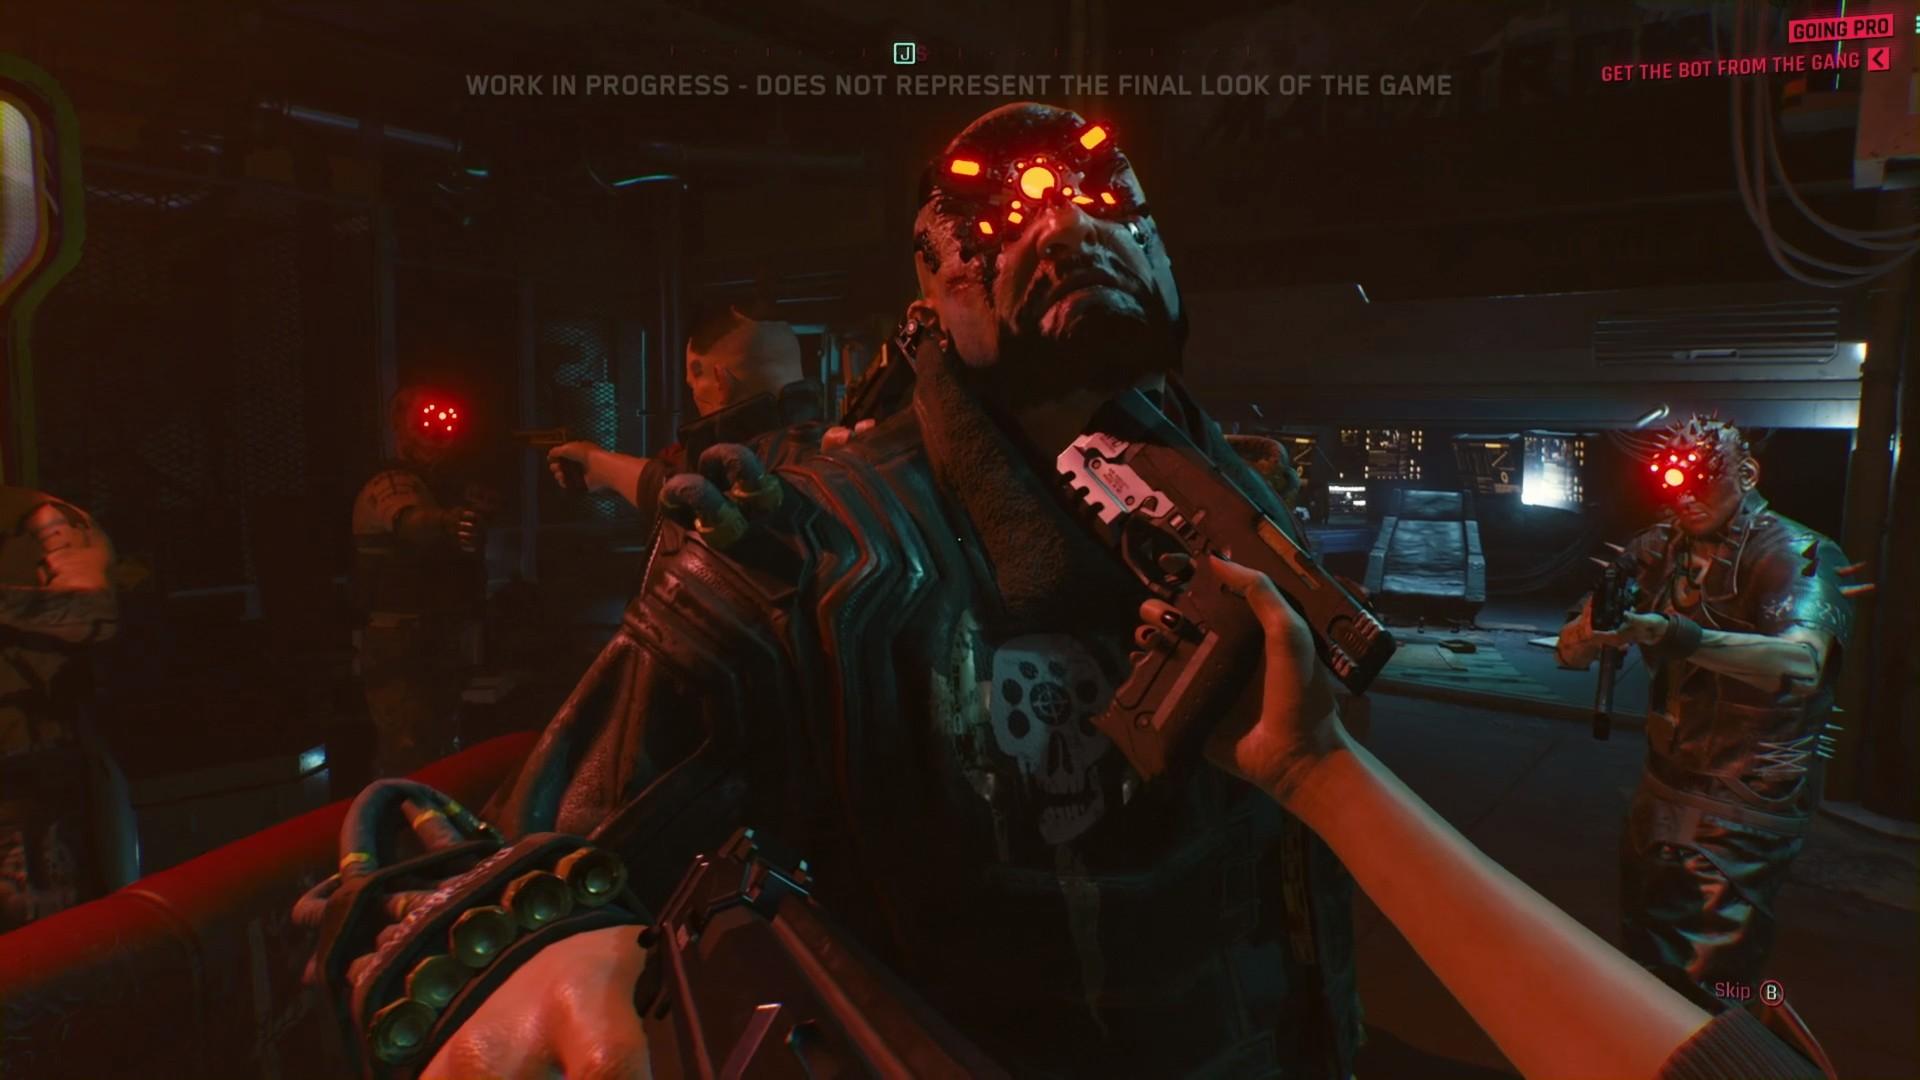 Cyberpunk 2077 - Royce